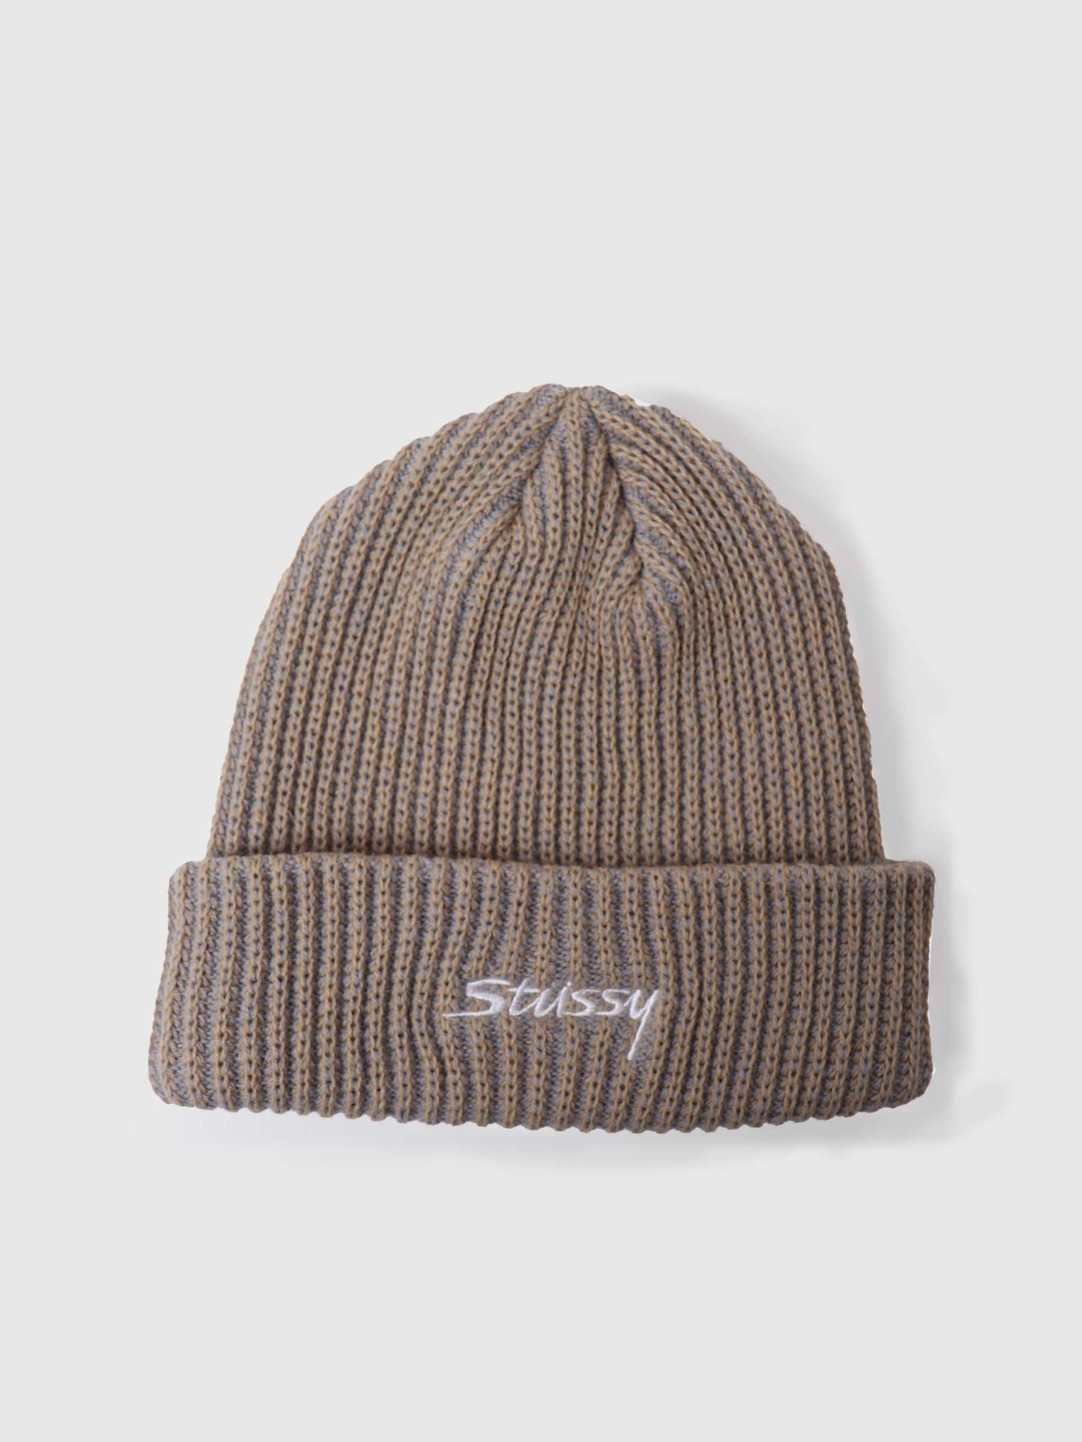 Stussy Stussy 2 Tone Knit Short Beanie Tan 132987-1005